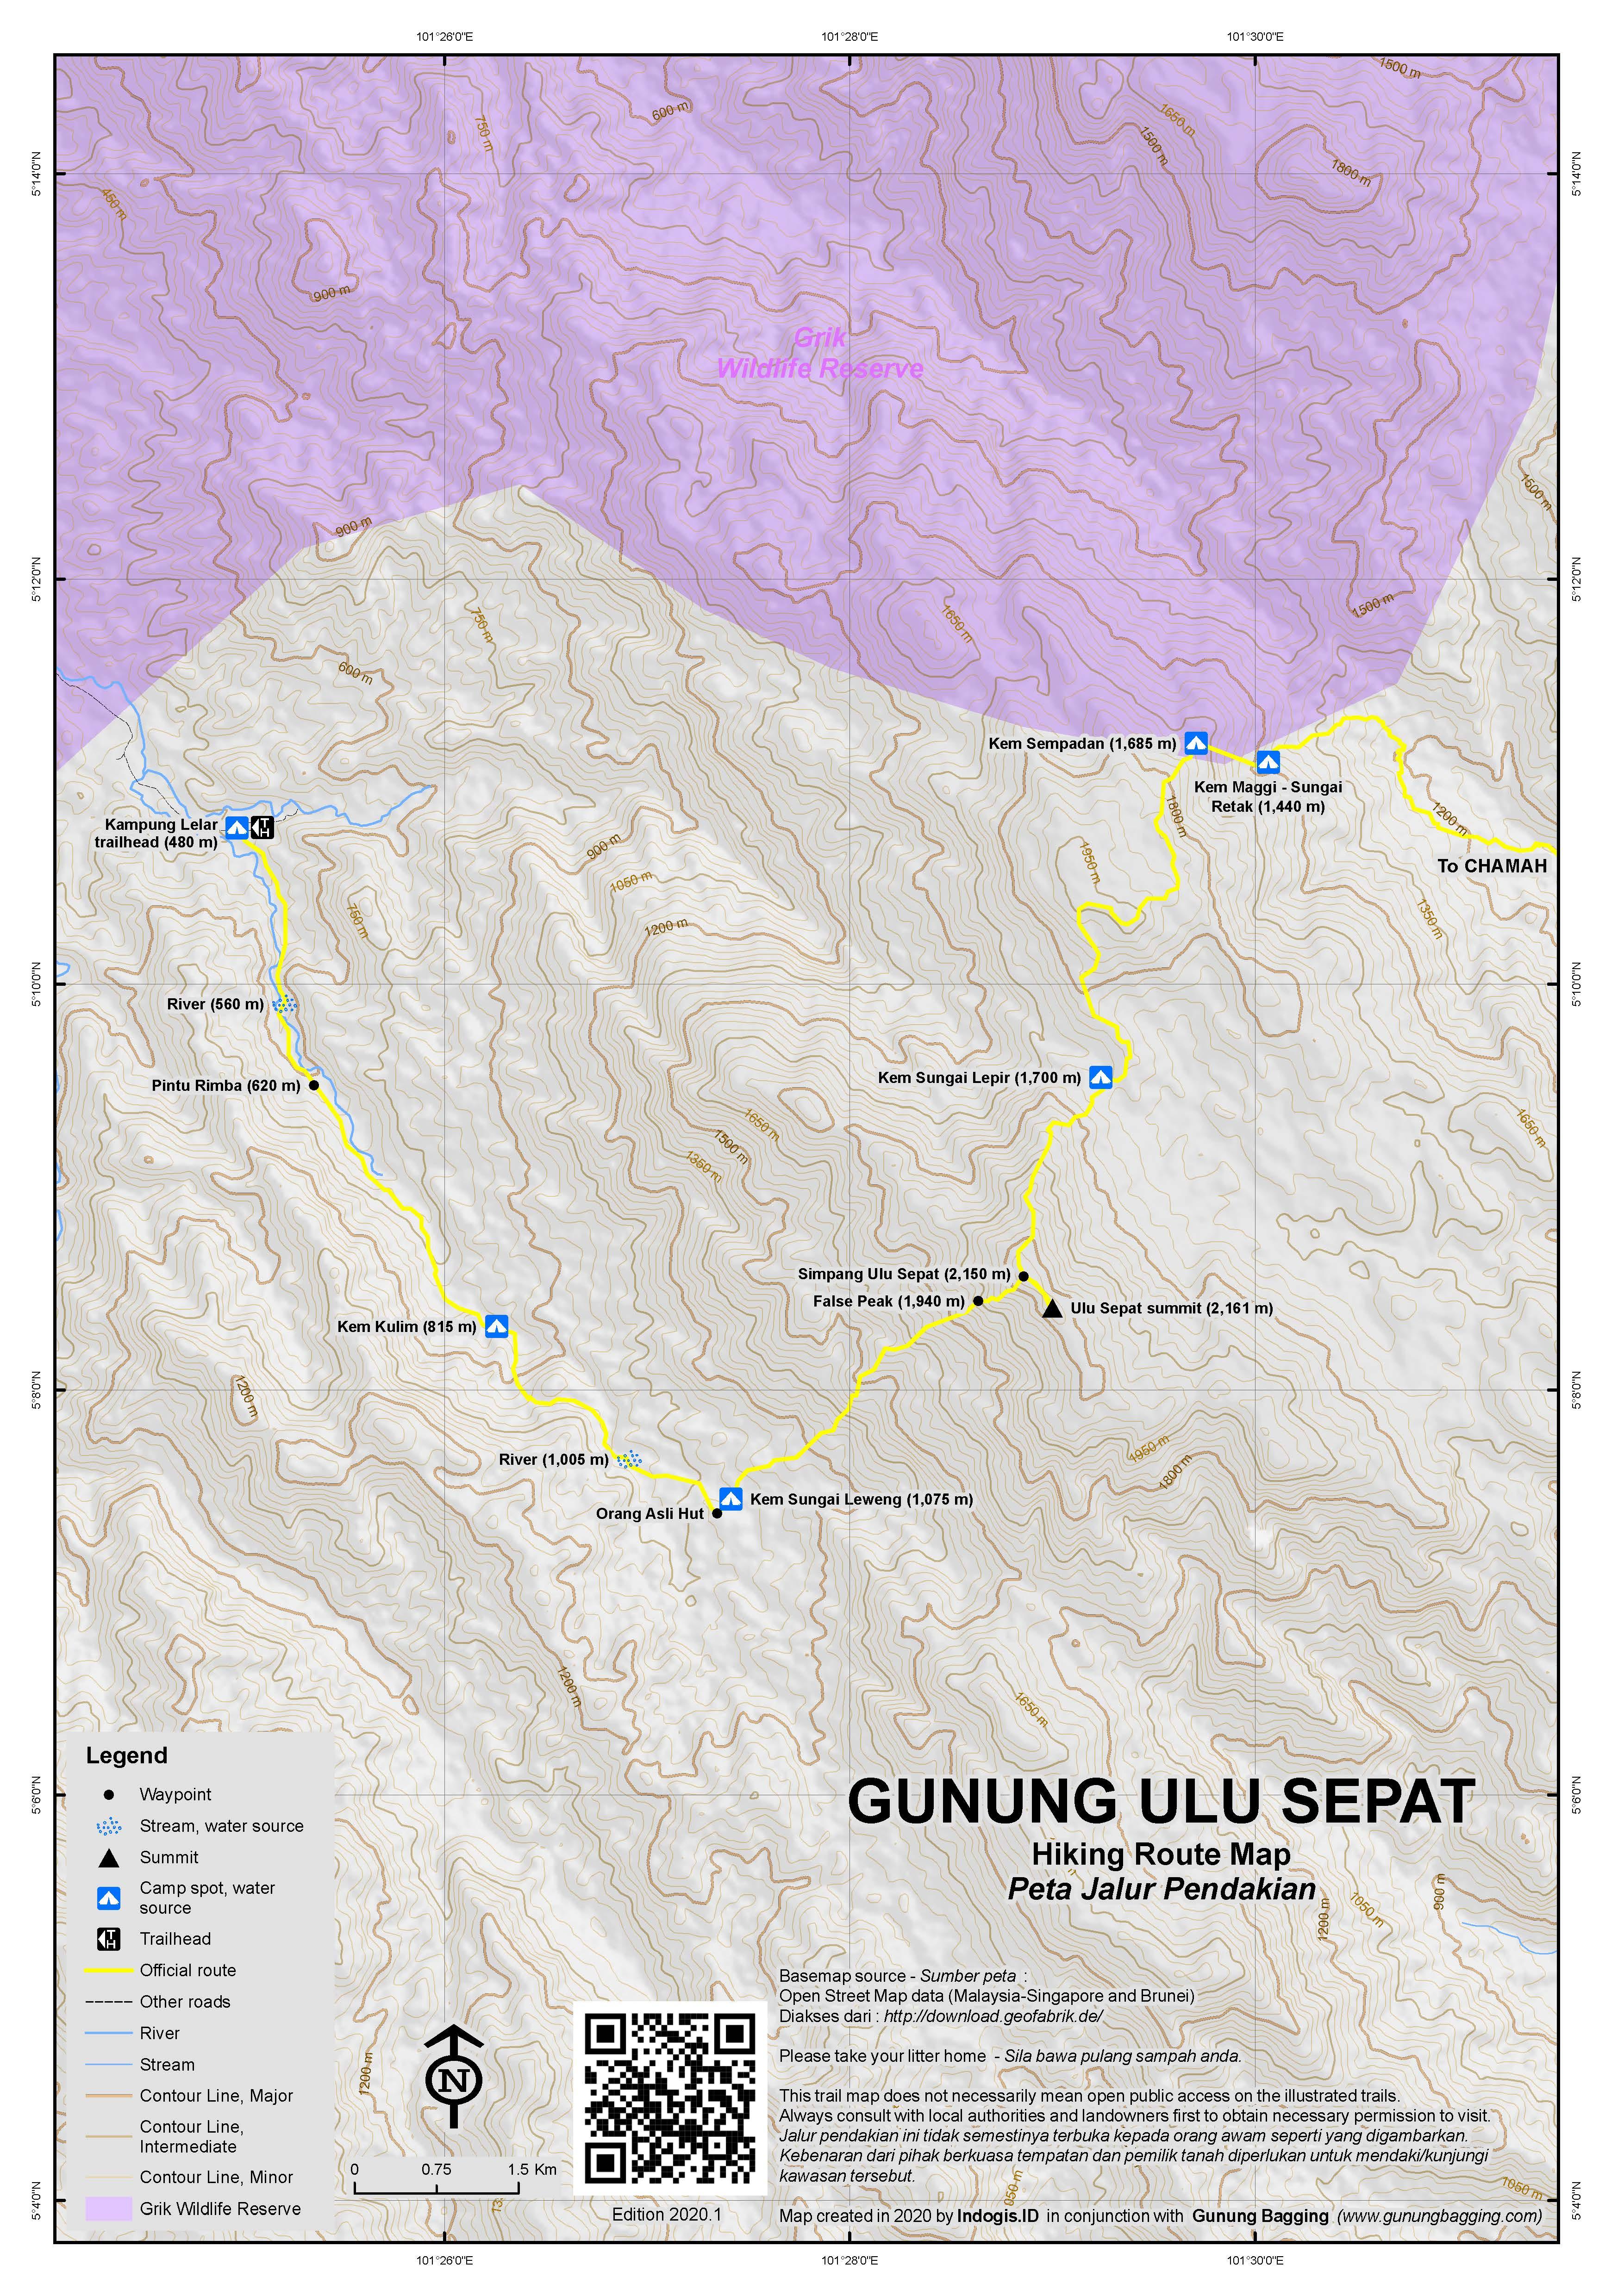 Peta Jalur Pendakian Gunung Ulu Sepat